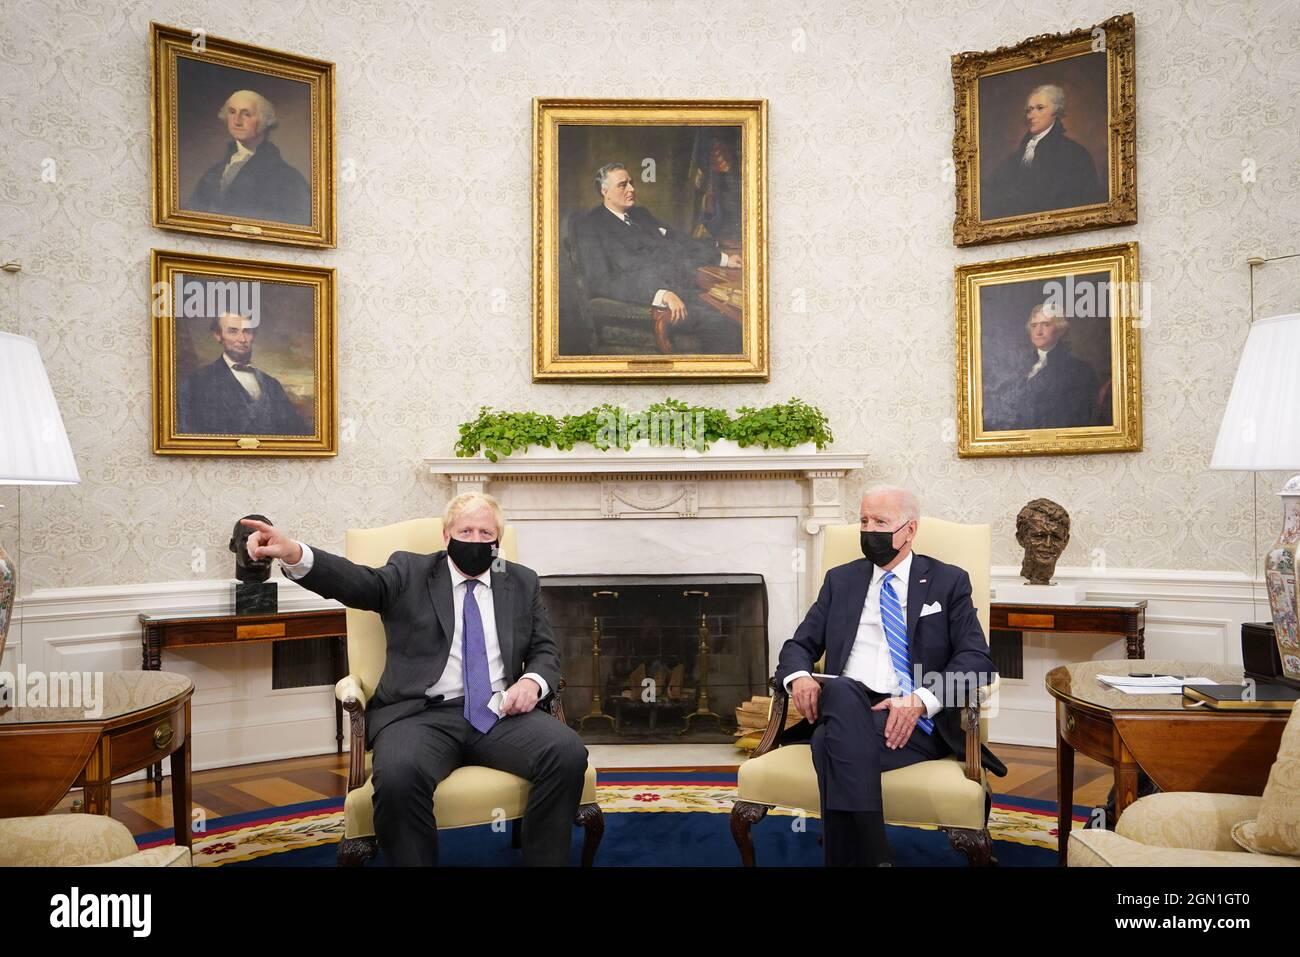 Le Premier ministre Boris Johnson rencontre le président américain Joe Biden dans le bureau ovale de la Maison Blanche, Washington DC, lors de sa visite aux États-Unis pour l'Assemblée générale des Nations Unies. Date de la photo: Mardi 21 septembre 2021. Banque D'Images